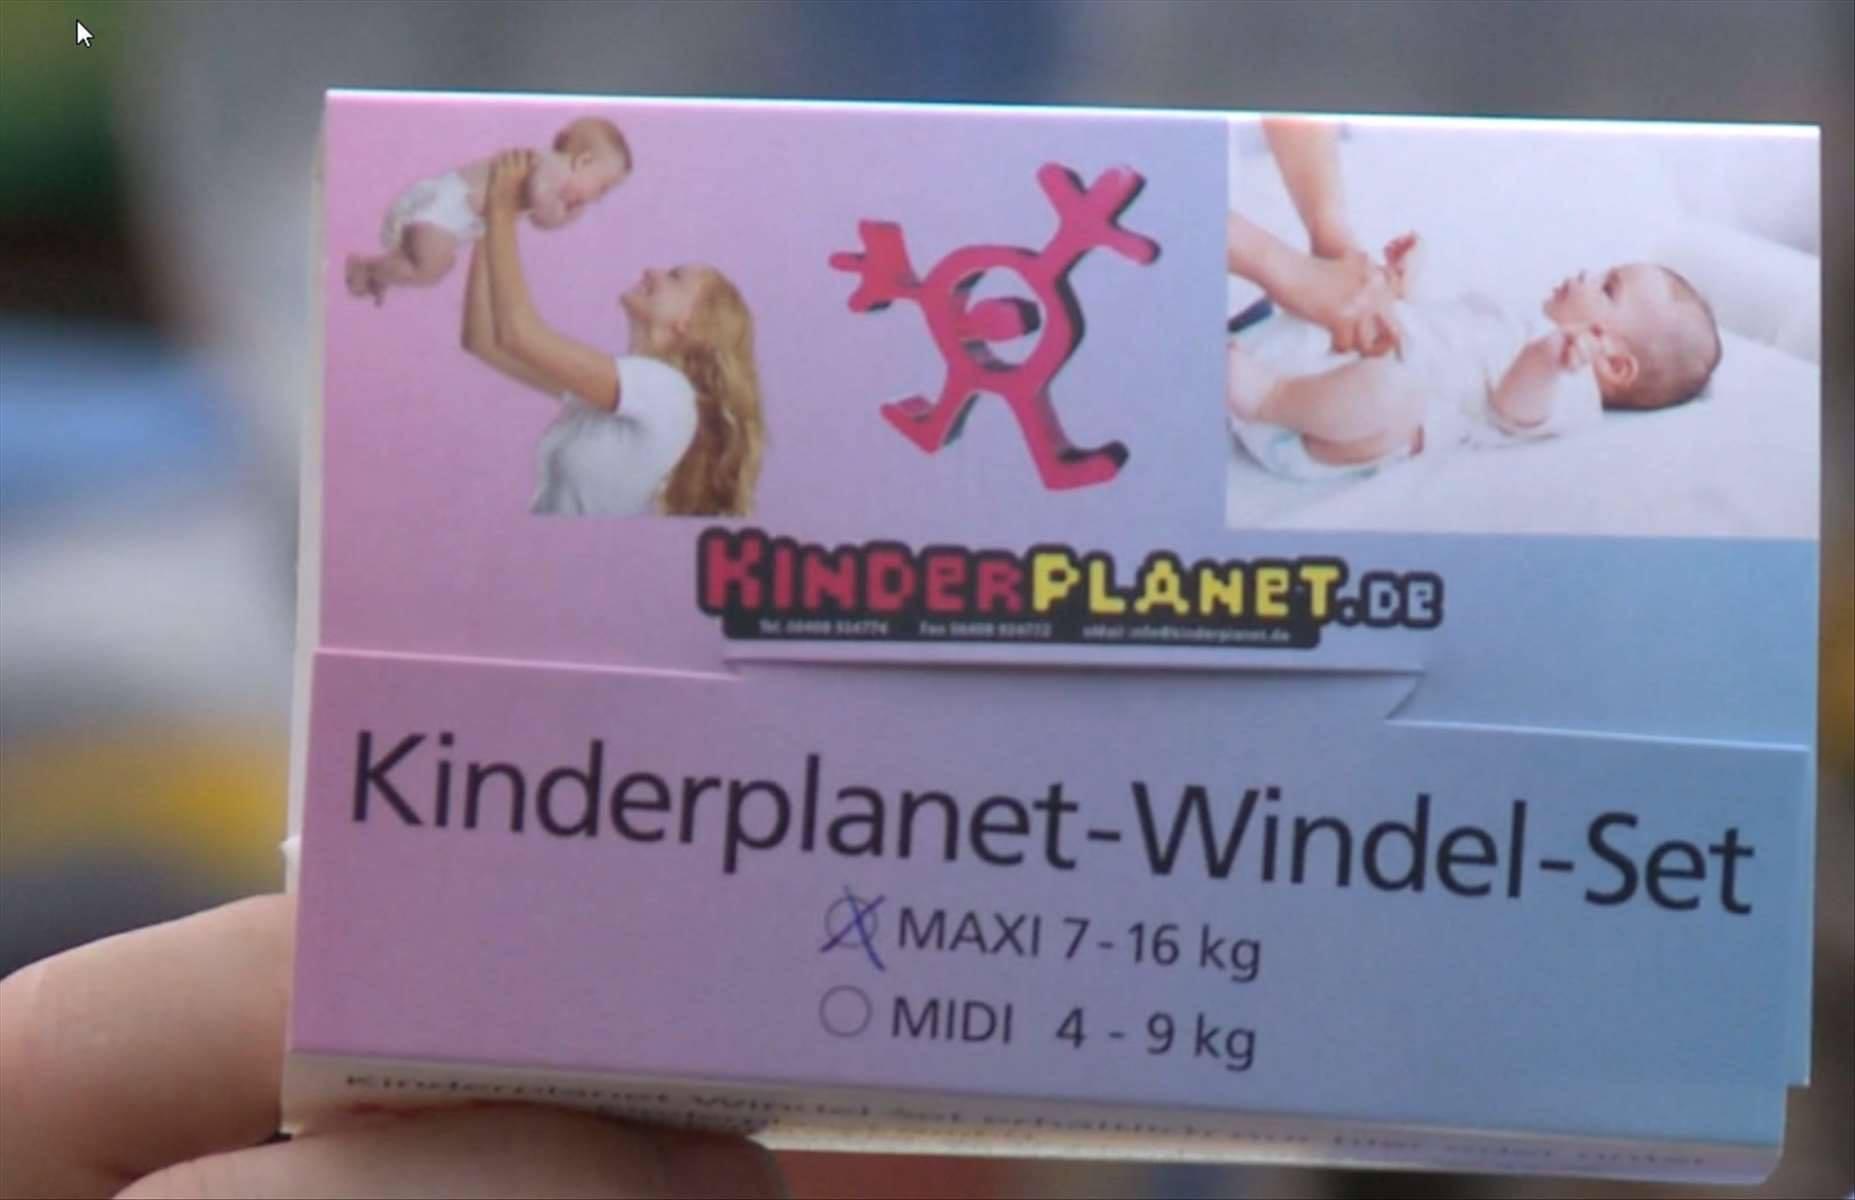 Kinderplanet Windelset Midi